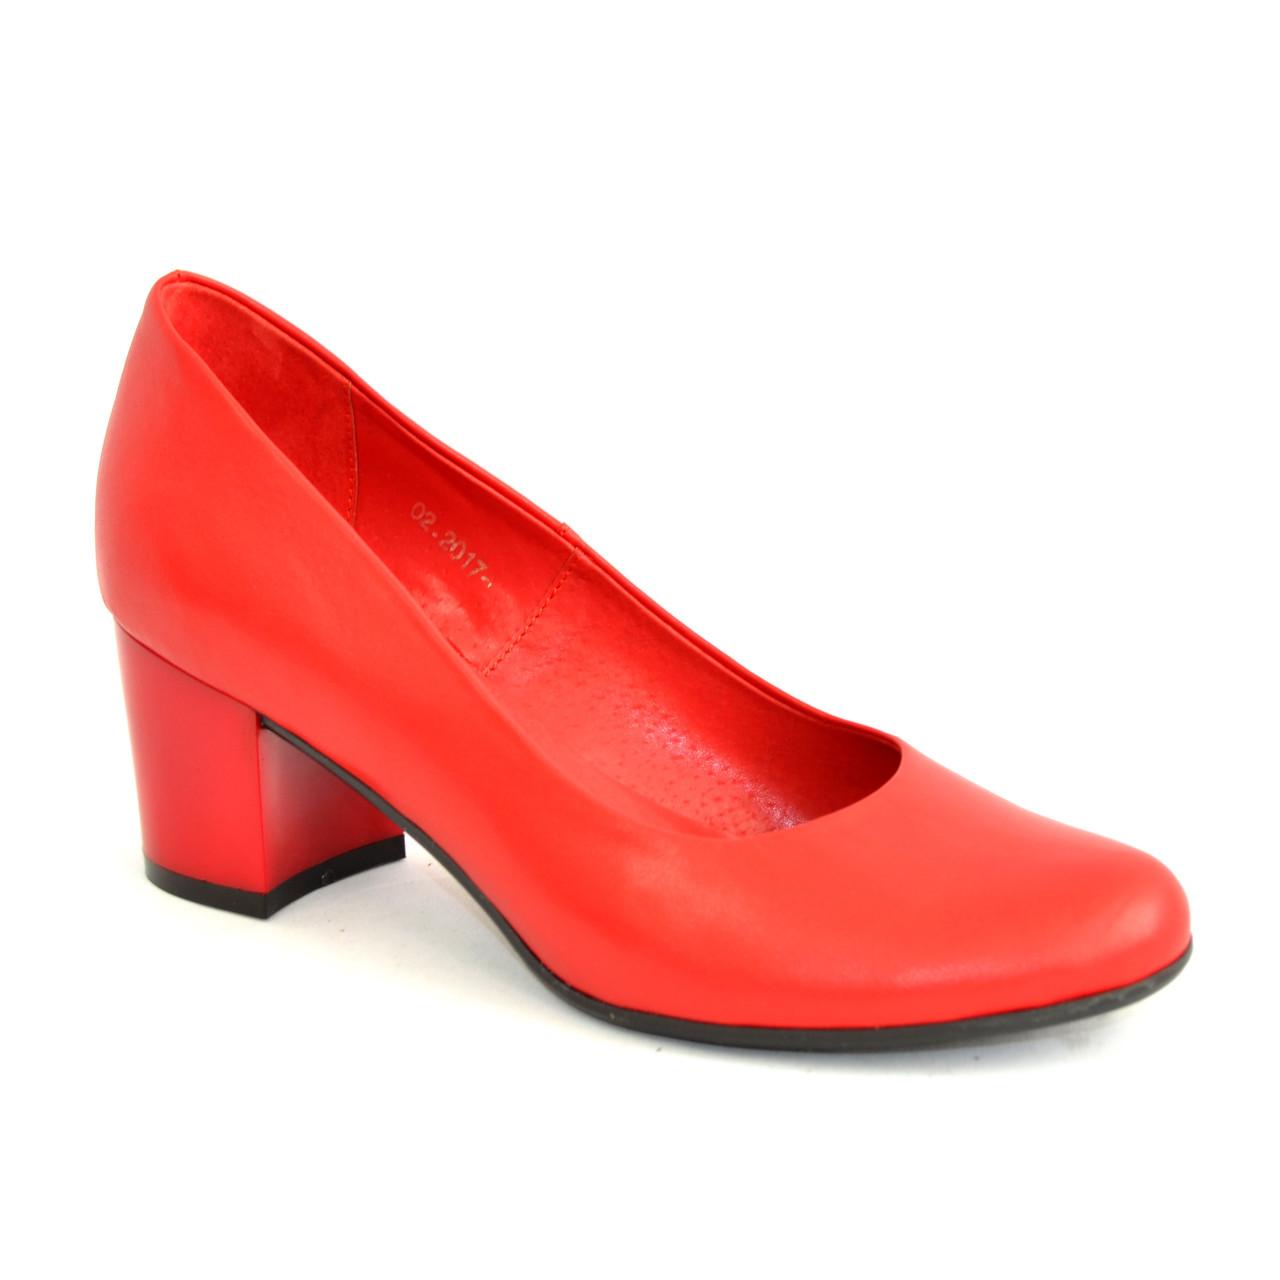 8c3833f094b2 Женские красные кожаные туфли на невысоком устойчивом каблуке ...